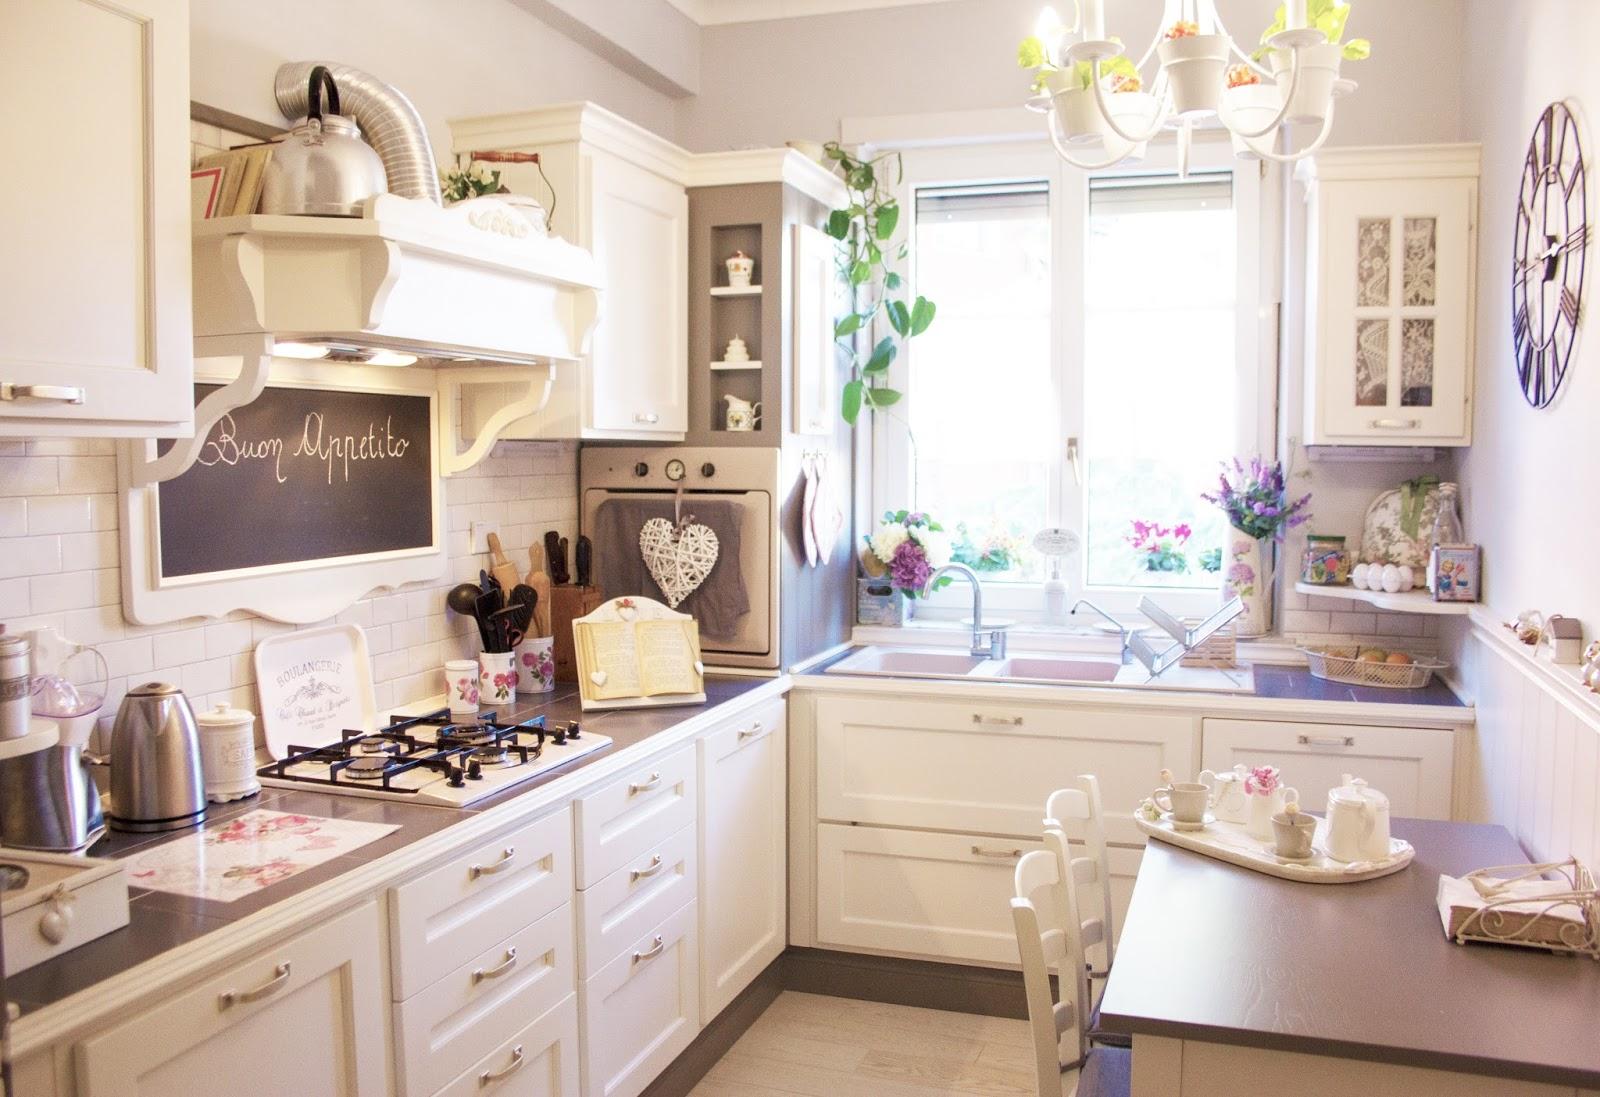 Come Arredare Una Cucina Shabby Riutilizzando Vecchi Oggetti #886744 1600 1097 Sala Da Pranzo Scavolini